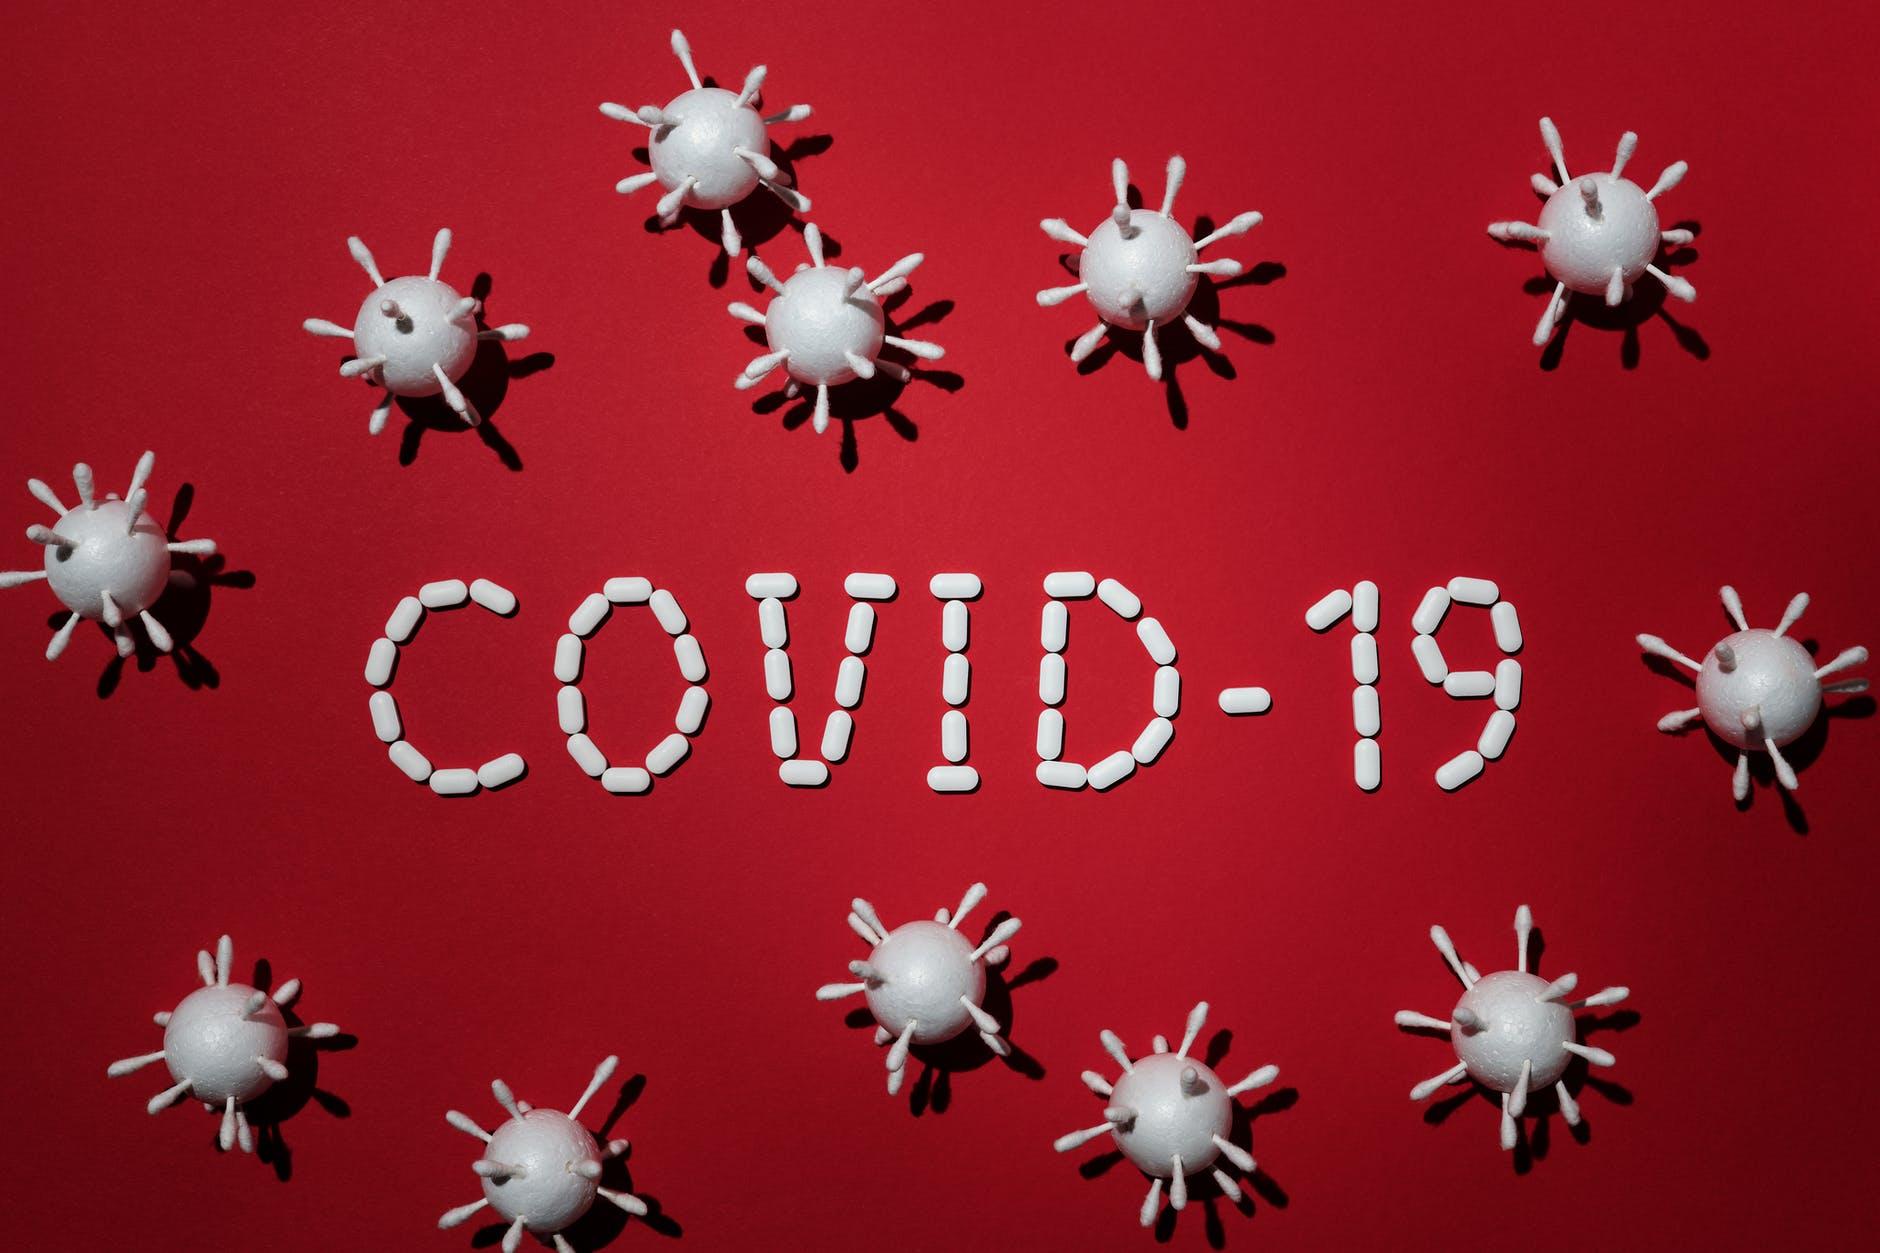 31省区市新增确诊病例9例,均为境外输入病例,每日疫情通报